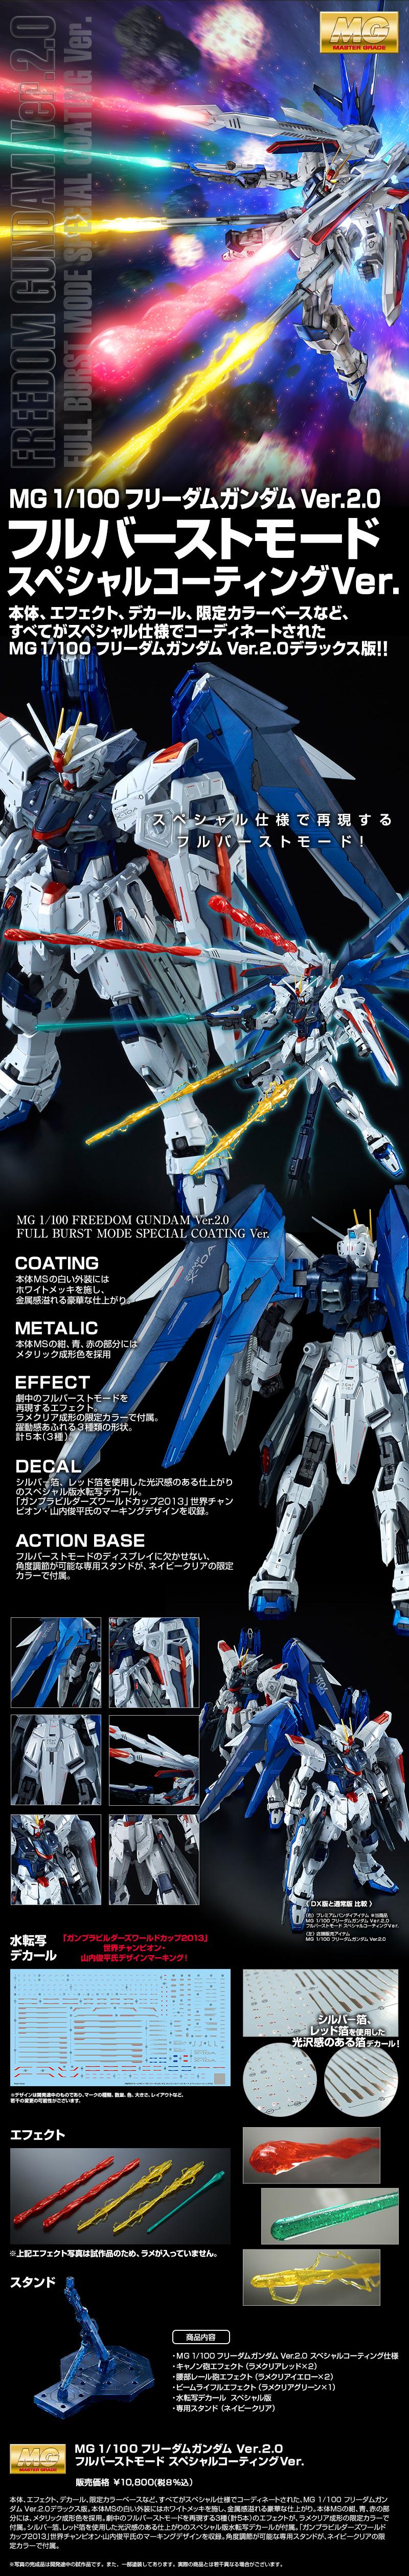 MG 1/100 フリーダムガンダム Ver.2.0 フルバーストモード スペシャルコーティングVer. 公式商品説明(画像)